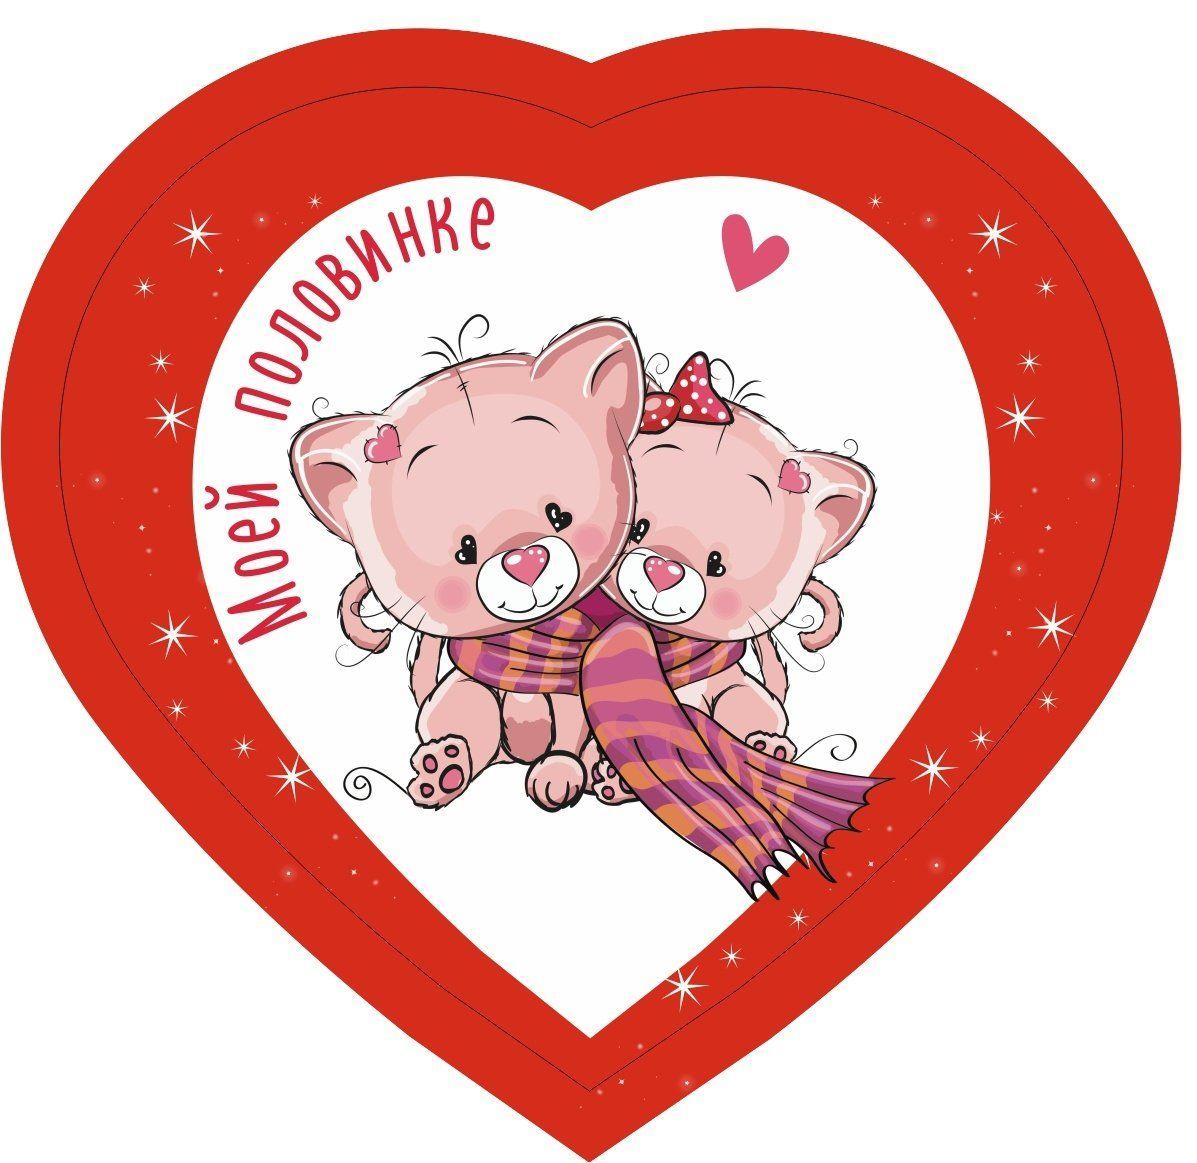 Открытка Моей половинке (Валентинка в форме сердца)День святого Валентина<br>.<br><br>Год: 2018<br>Серия: Медали<br>Высота: 85<br>Ширина: 90<br>Переплёт: набор